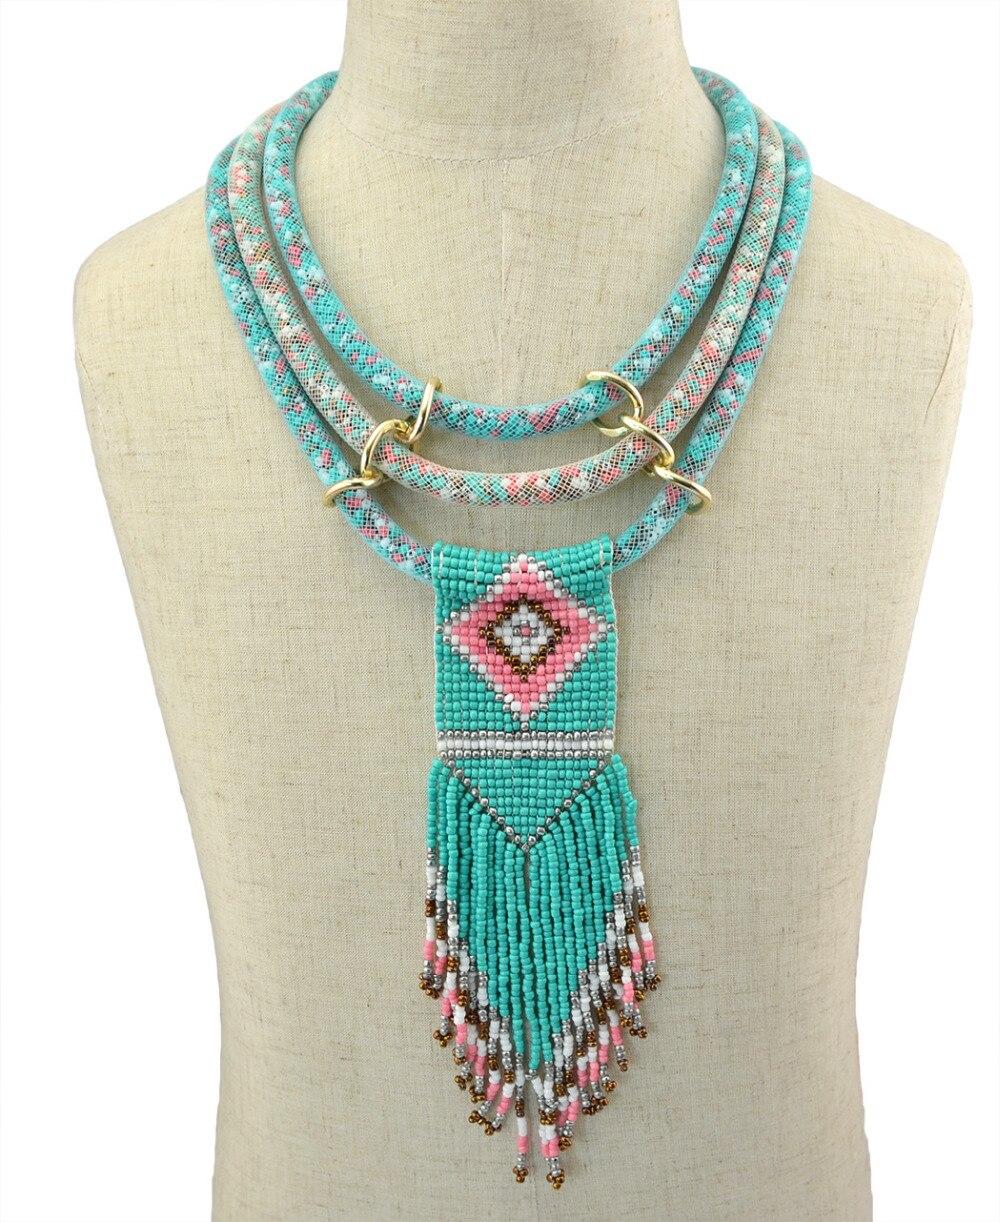 Boho Indische Multi Layered Bib Kragen Halskette Handgemachte Harz Perlen Lange Quaste Blume Aussage Halsketten Frauen Afrikanische Schmuck